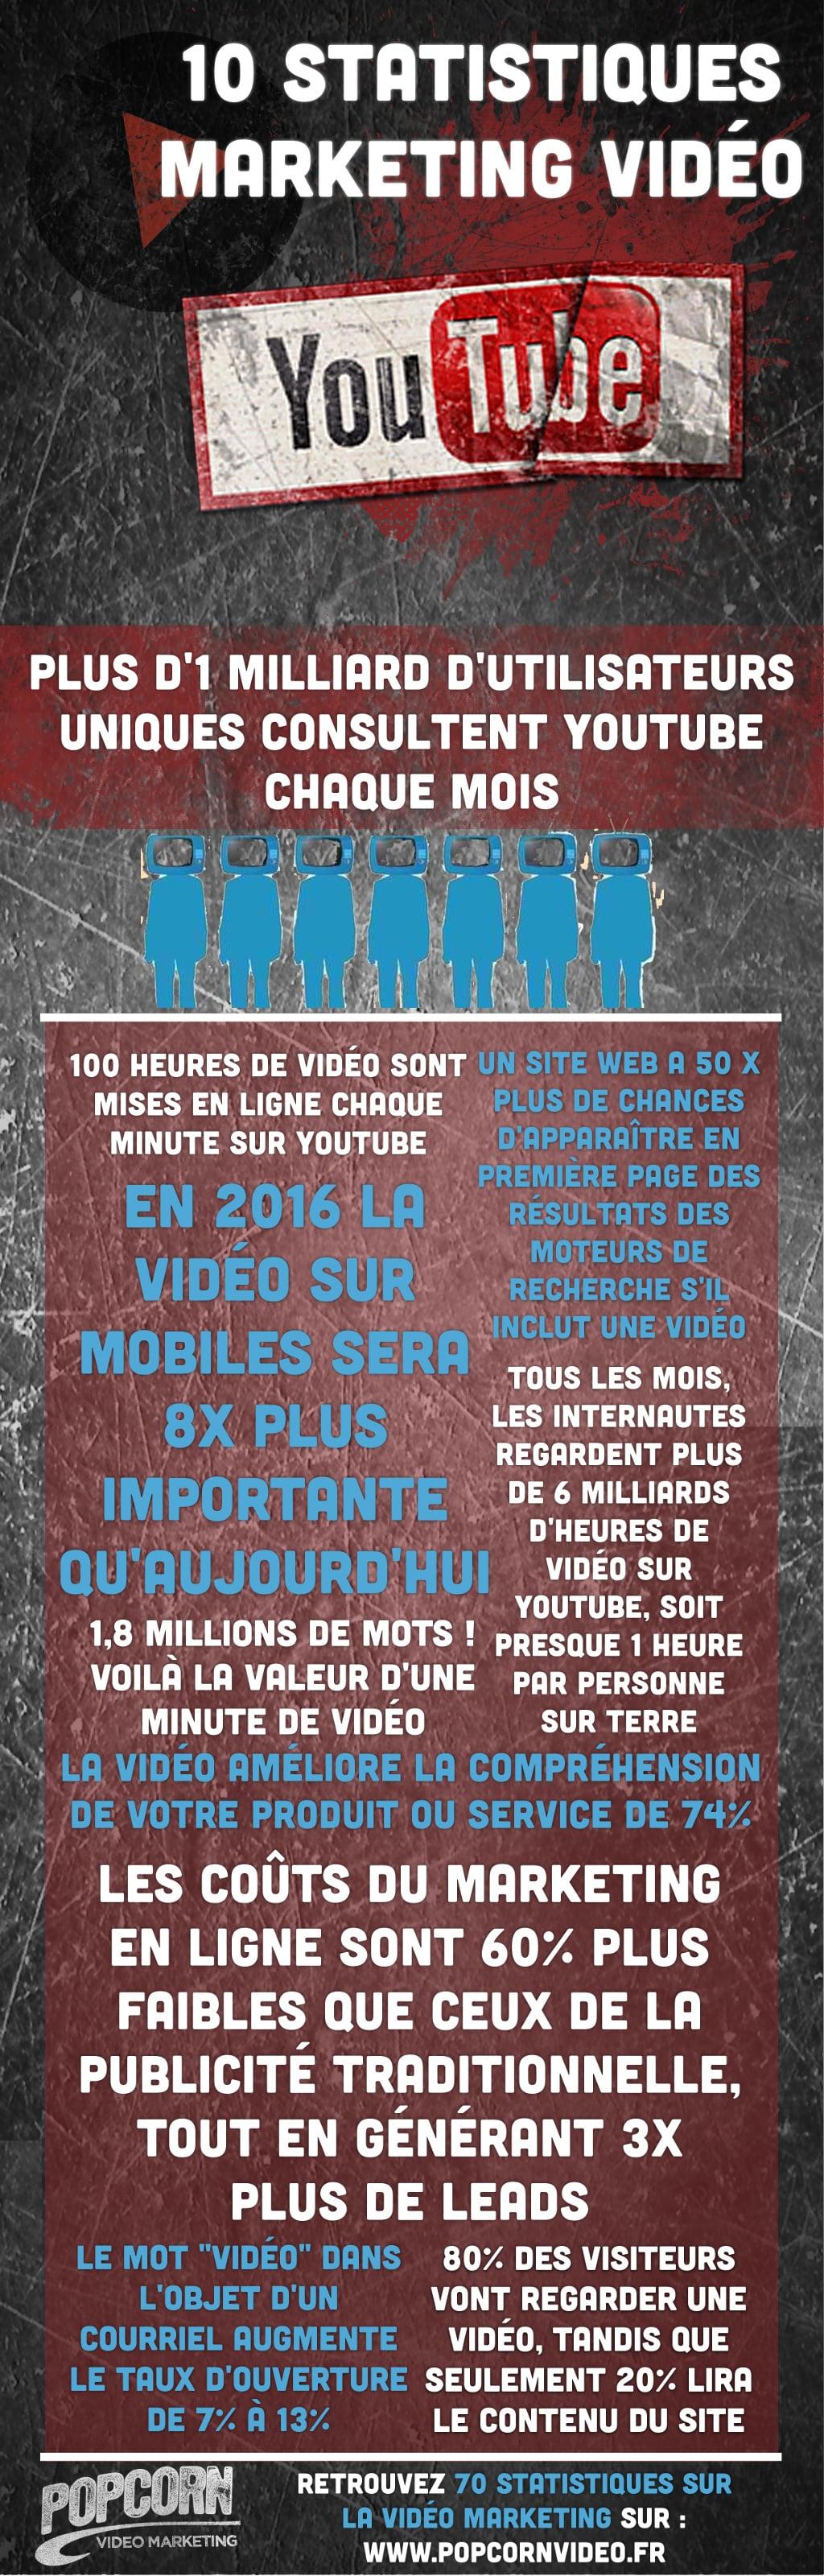 infographie : 10 statistiques en marketing vidéo